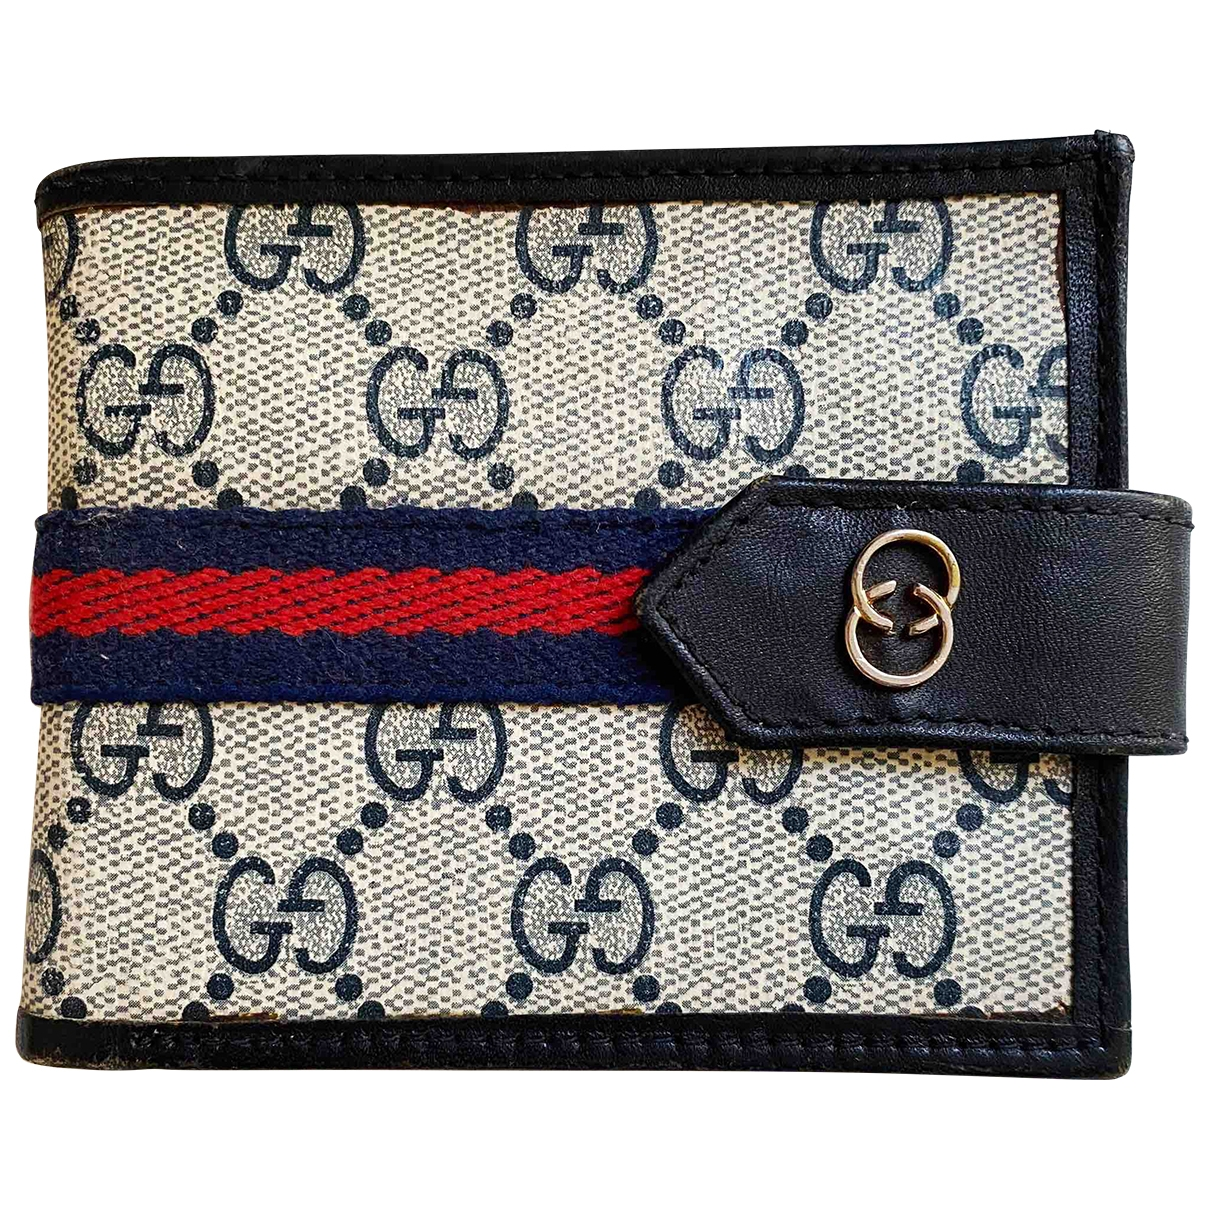 Gucci - Portefeuille Ophidia pour femme en toile - marine